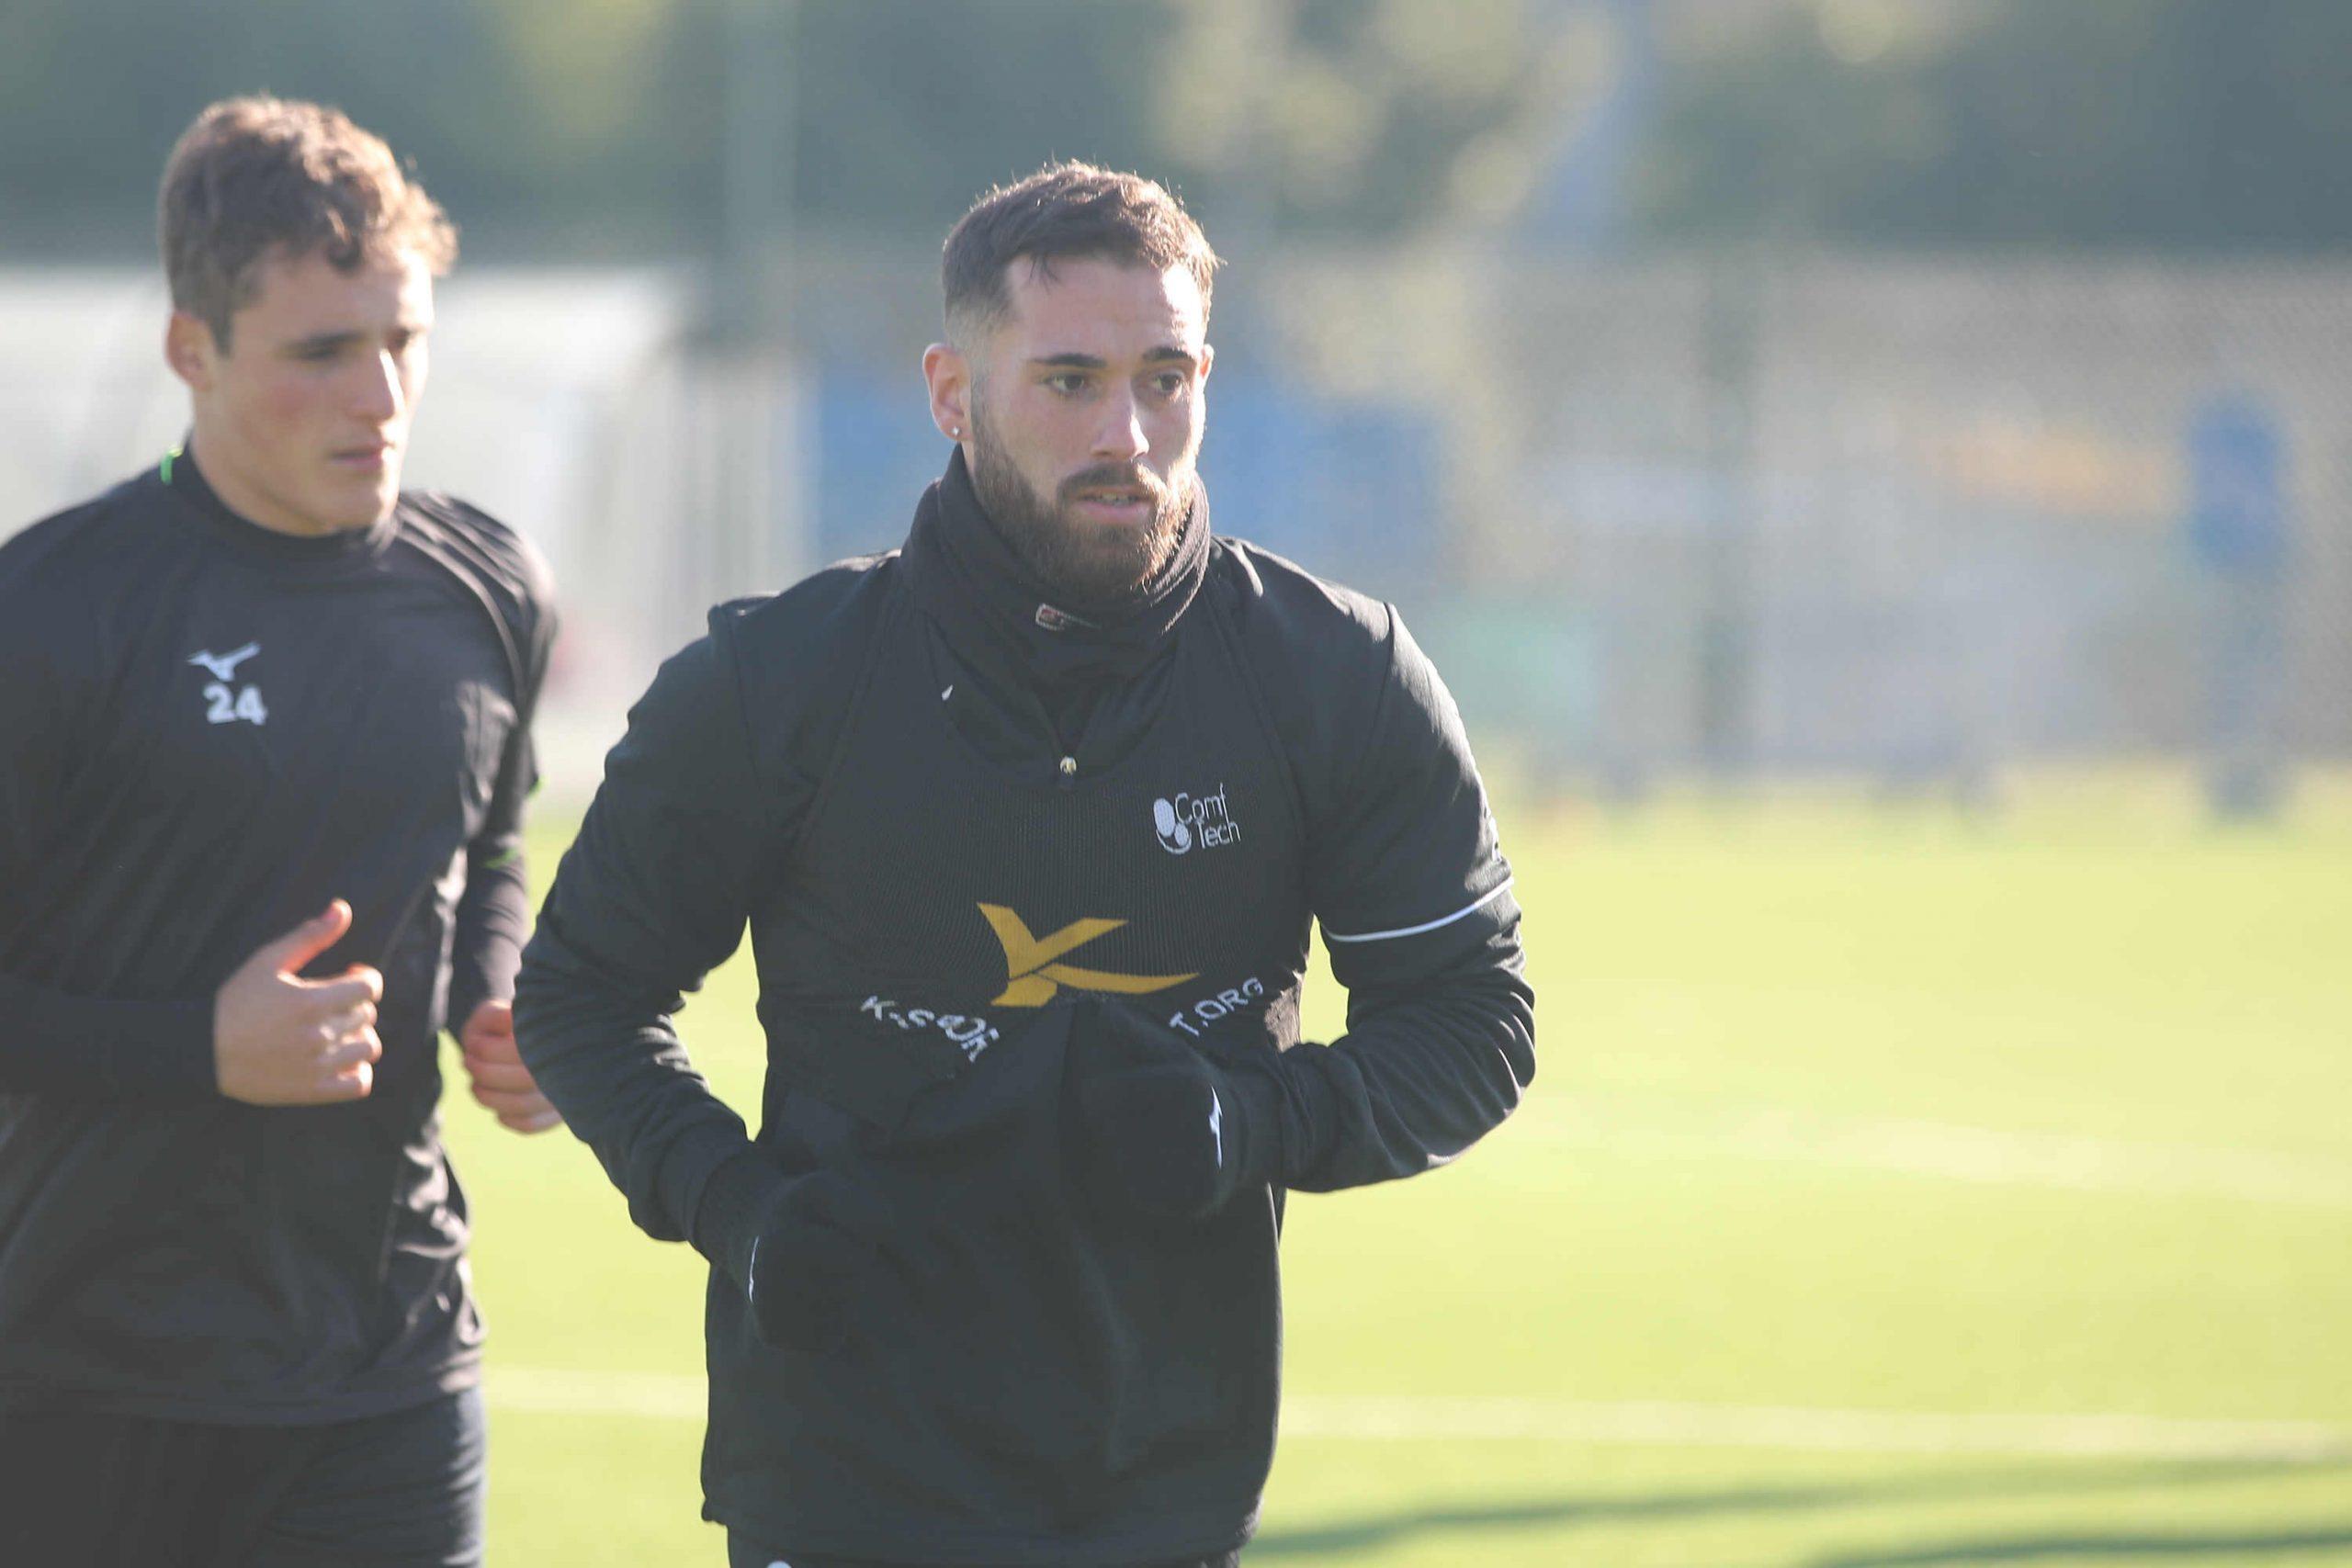 Calcio, il primo allenamento di Giuseppe Zampano a Cesena